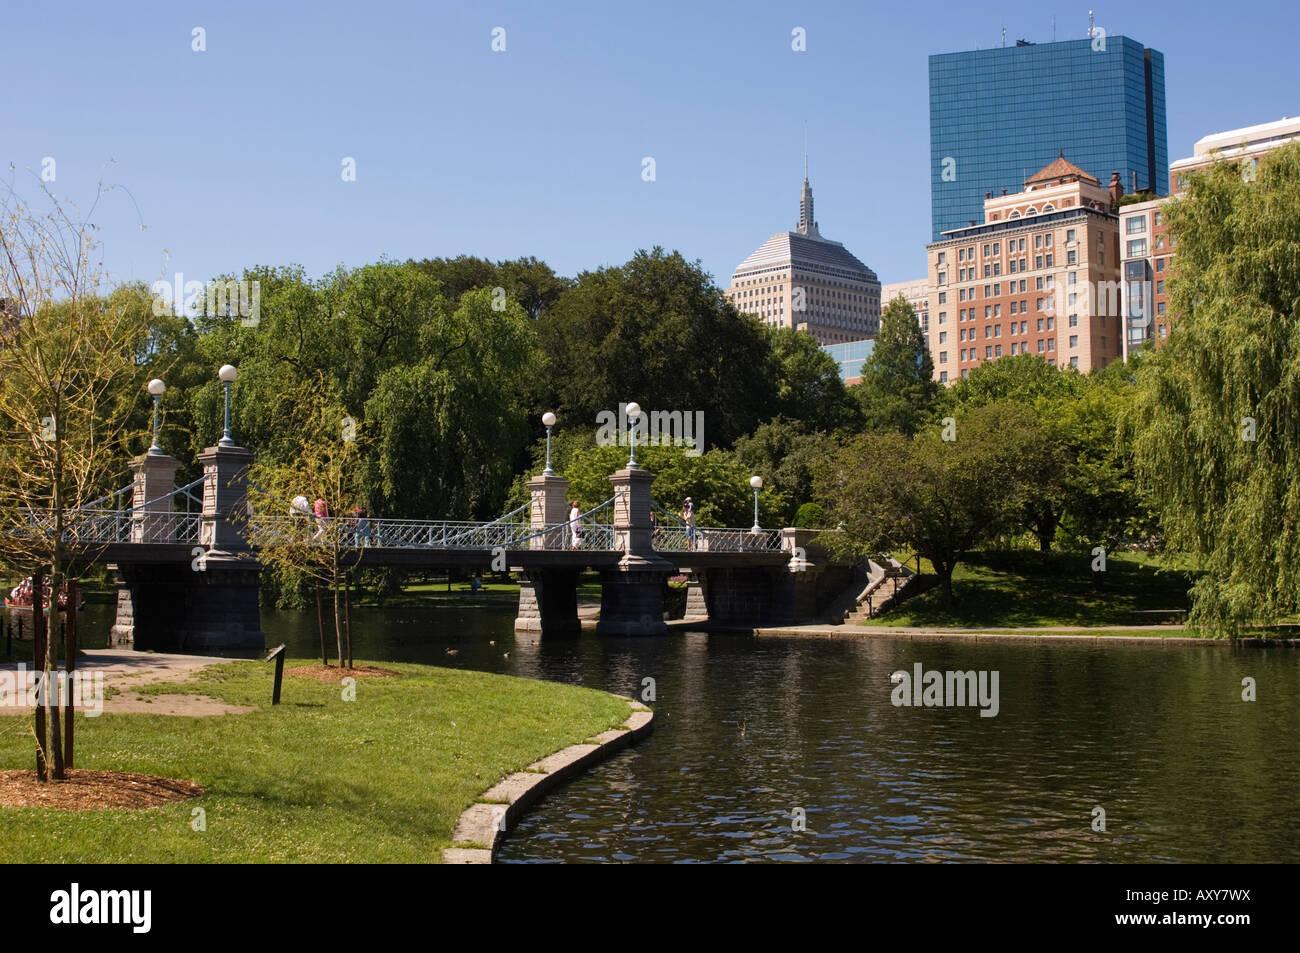 Il ponte sulla laguna nel giardino pubblico di Boston, Massachusetts, STATI UNITI D'AMERICA Foto Stock